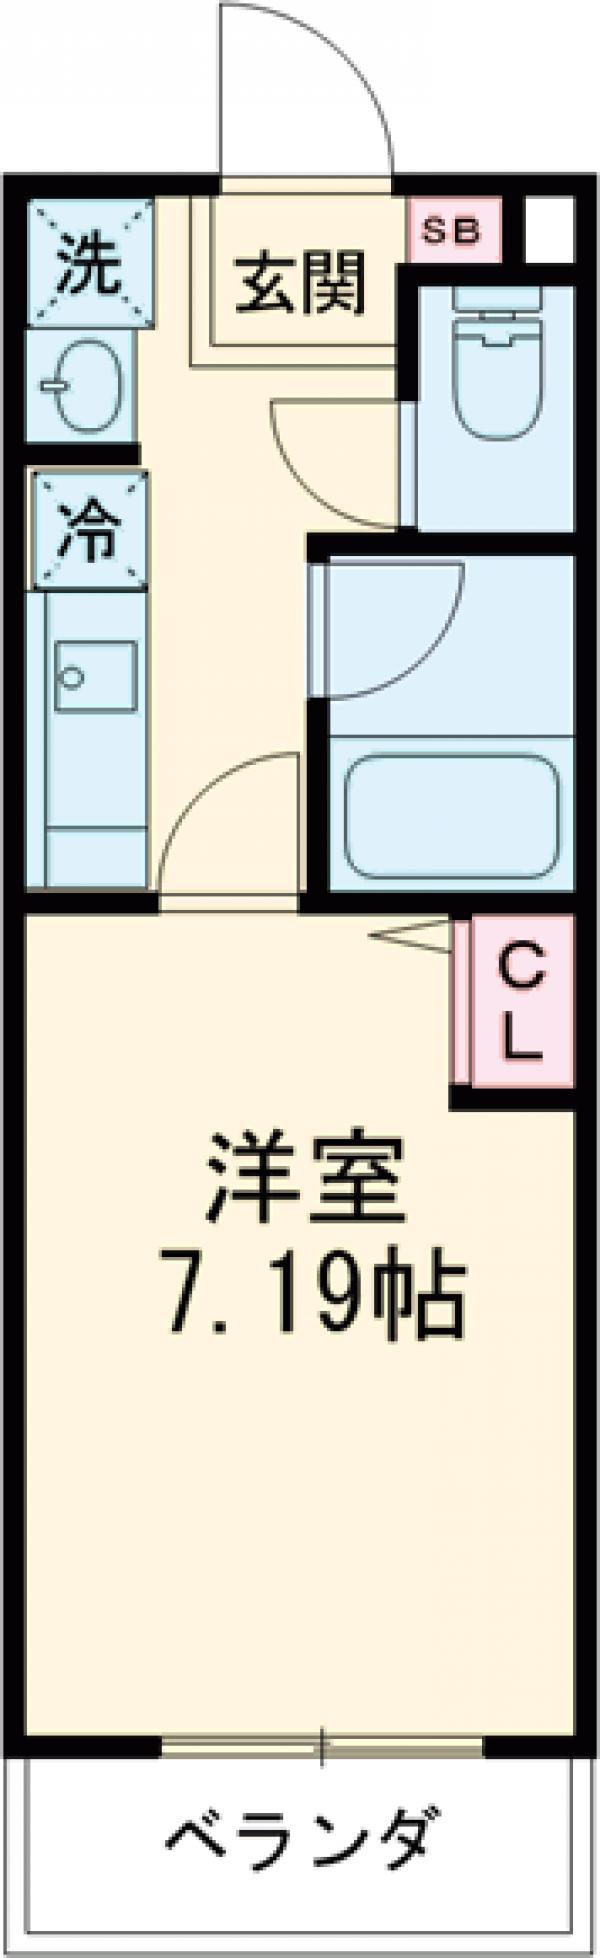 Studio 新町 203号室の間取り